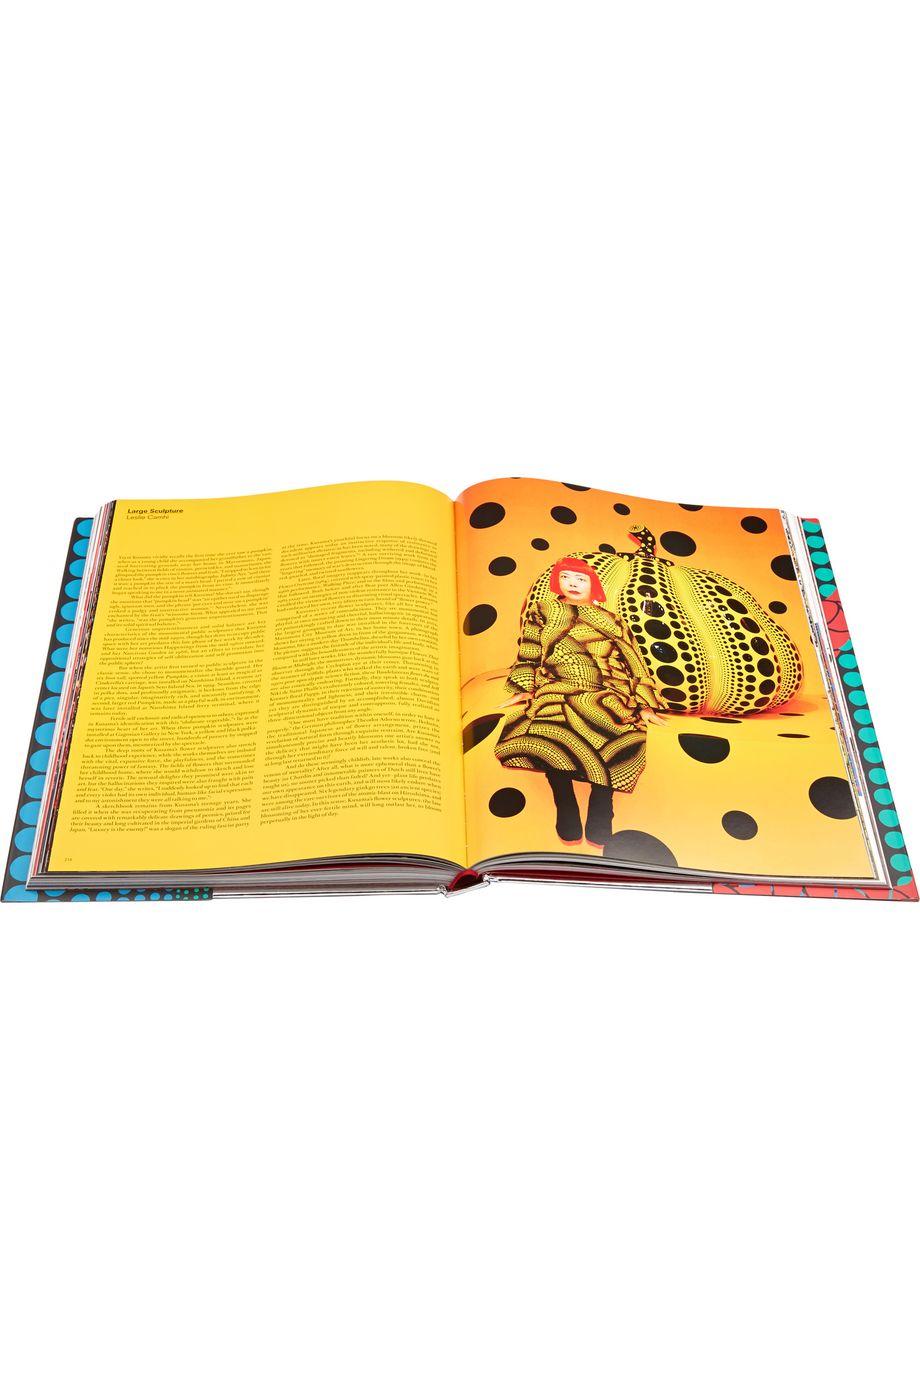 Rizzoli 《Yayoi Kusama》,硬皮精装本